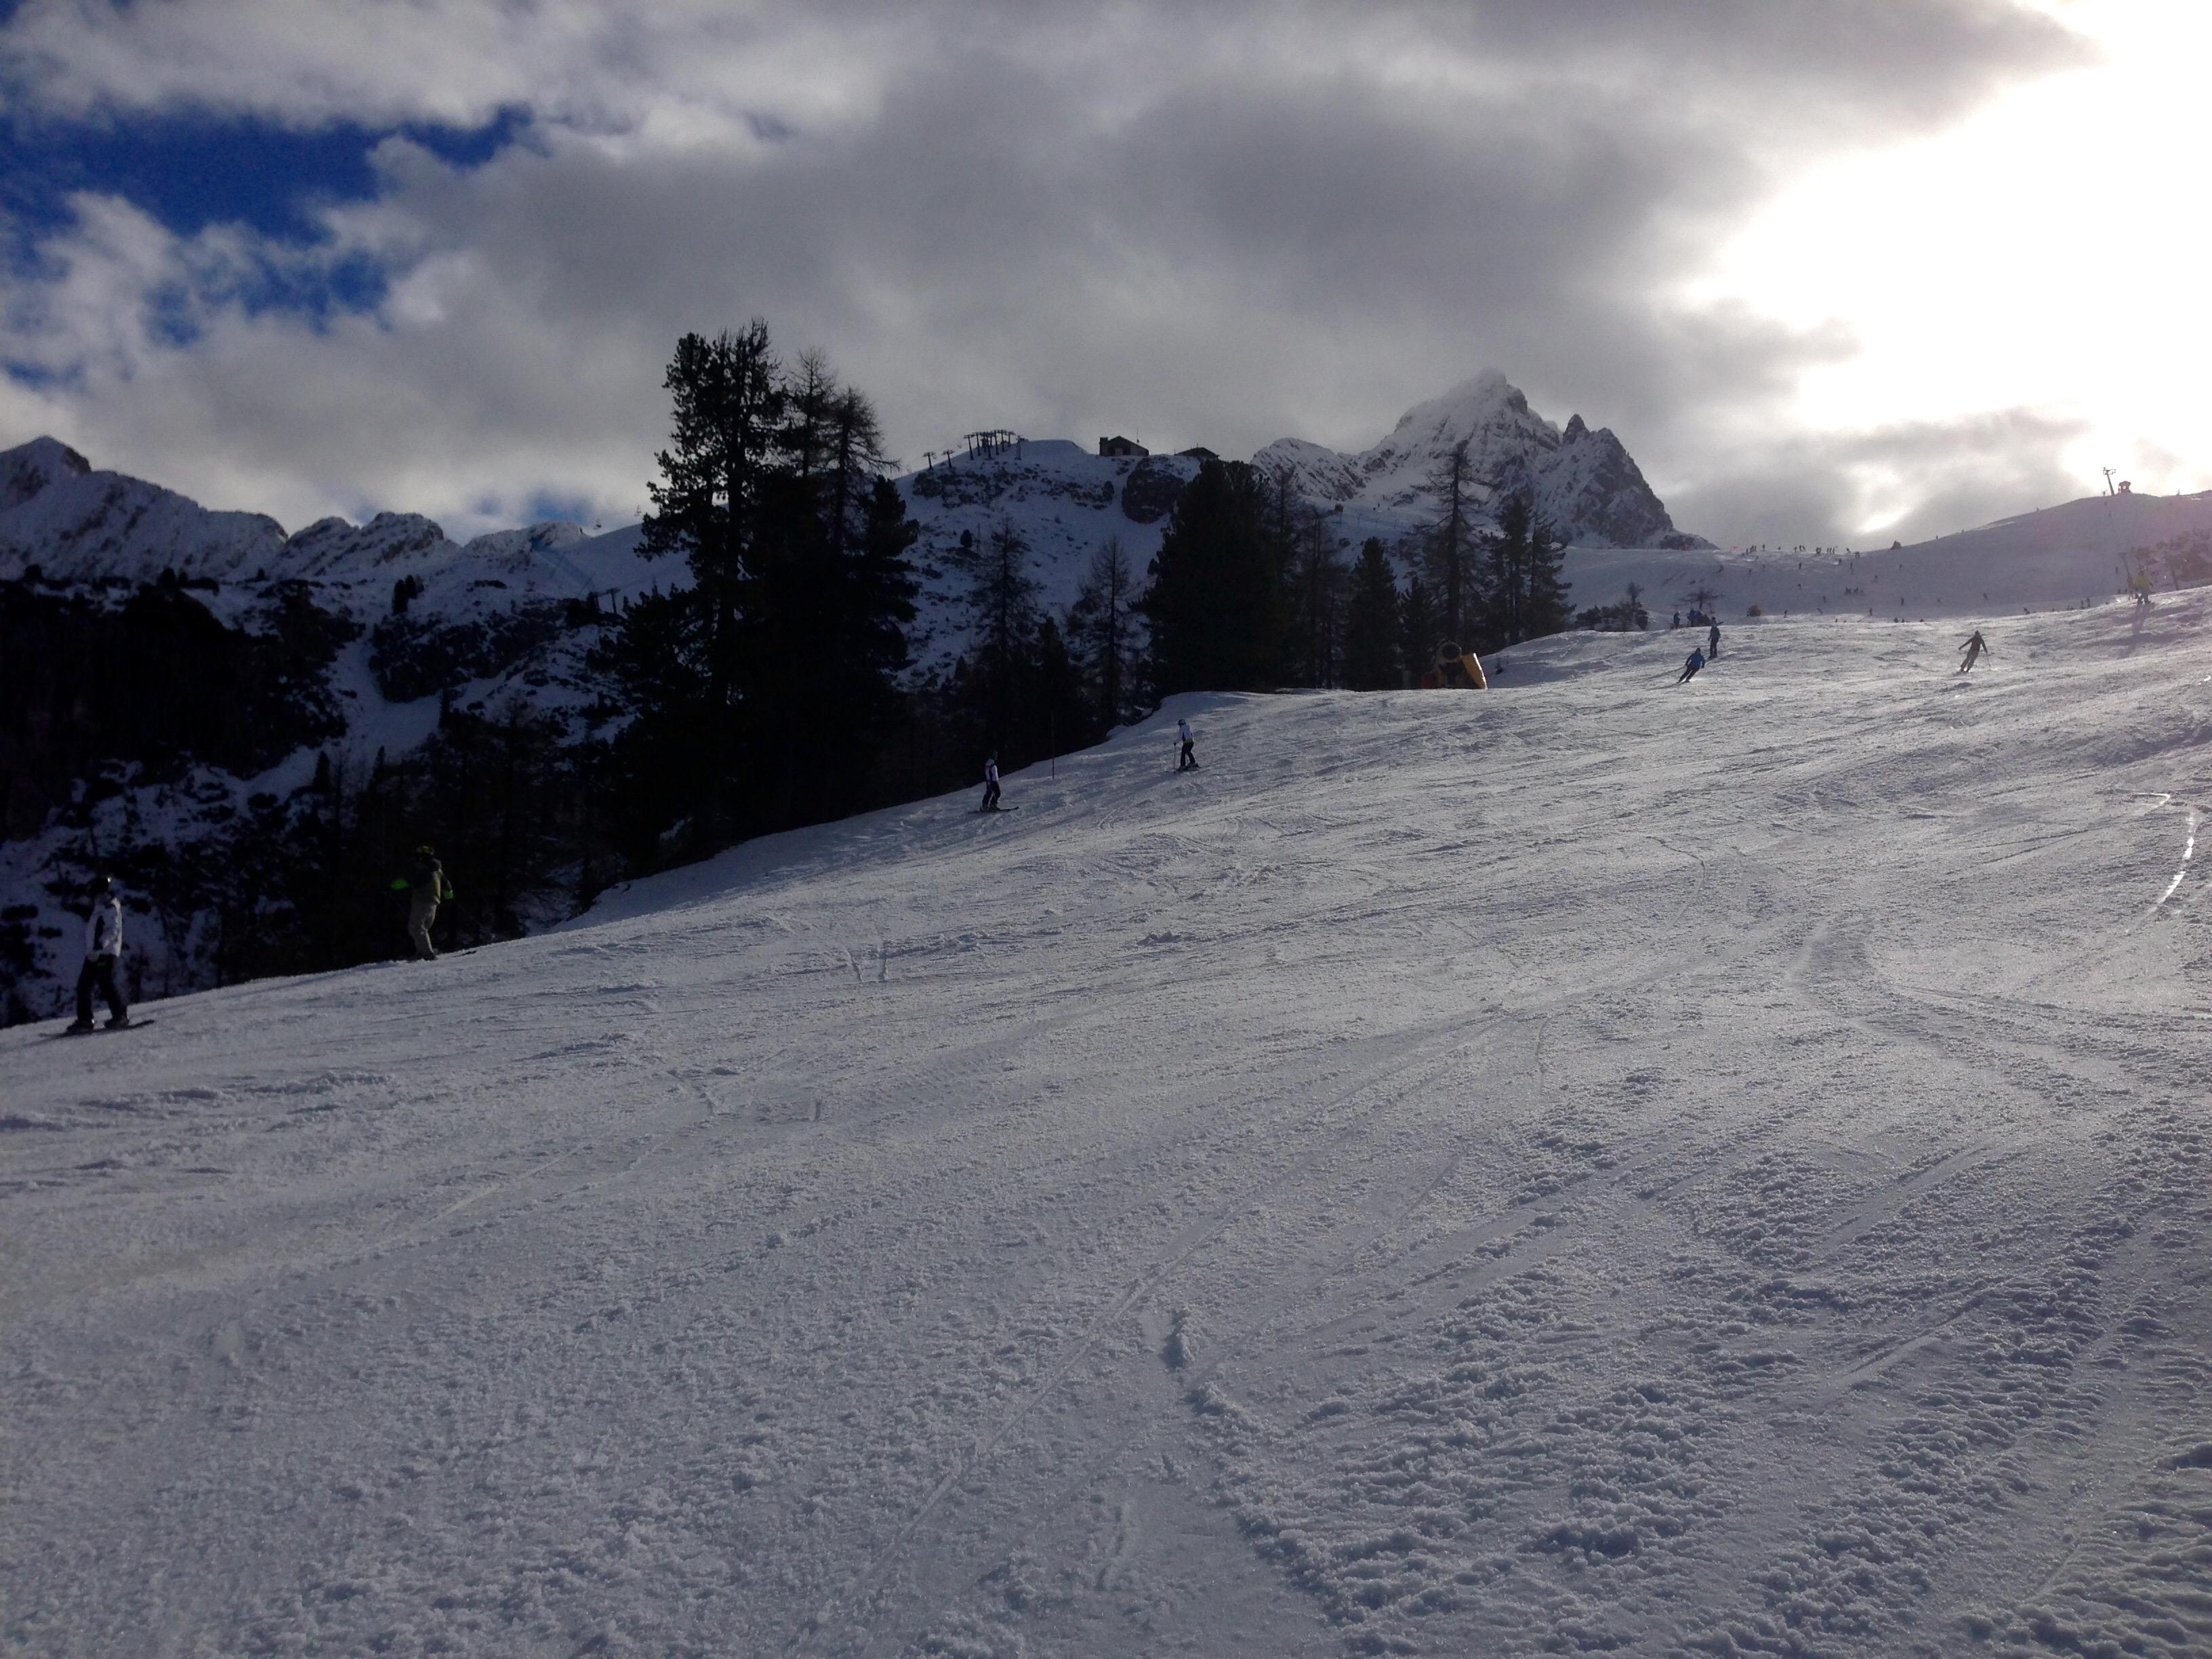 Boarderline_cortina_d_ampezzo_snowboard_scuola_snowboard_noleggio_apertura_faloria_cortinacube6